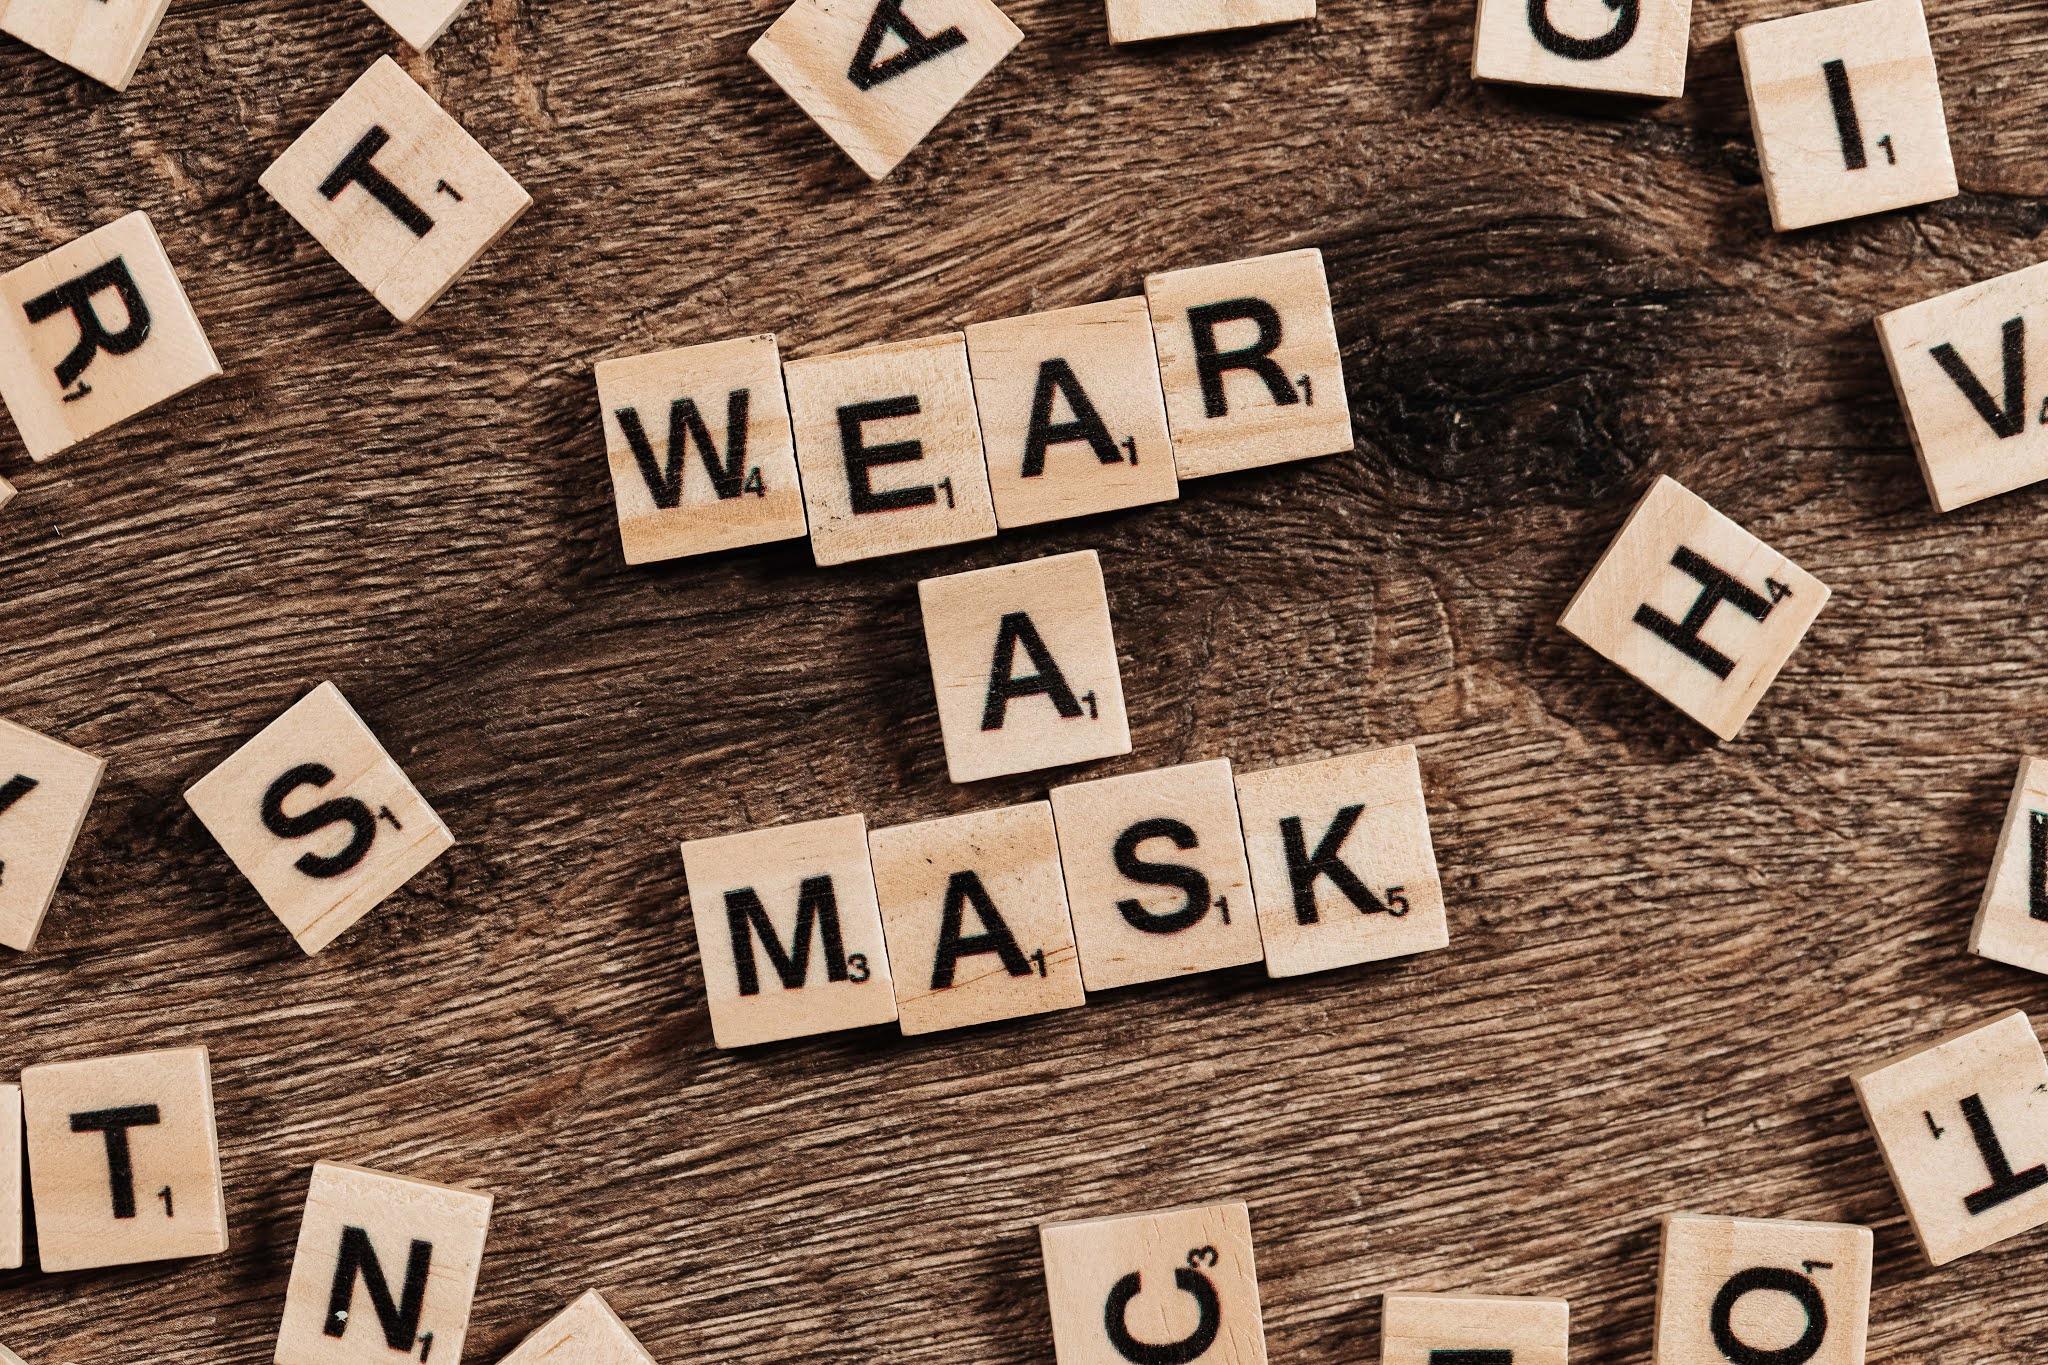 scritta wear a mask per il coronavirus fatta con i tasselli dello scarabeo